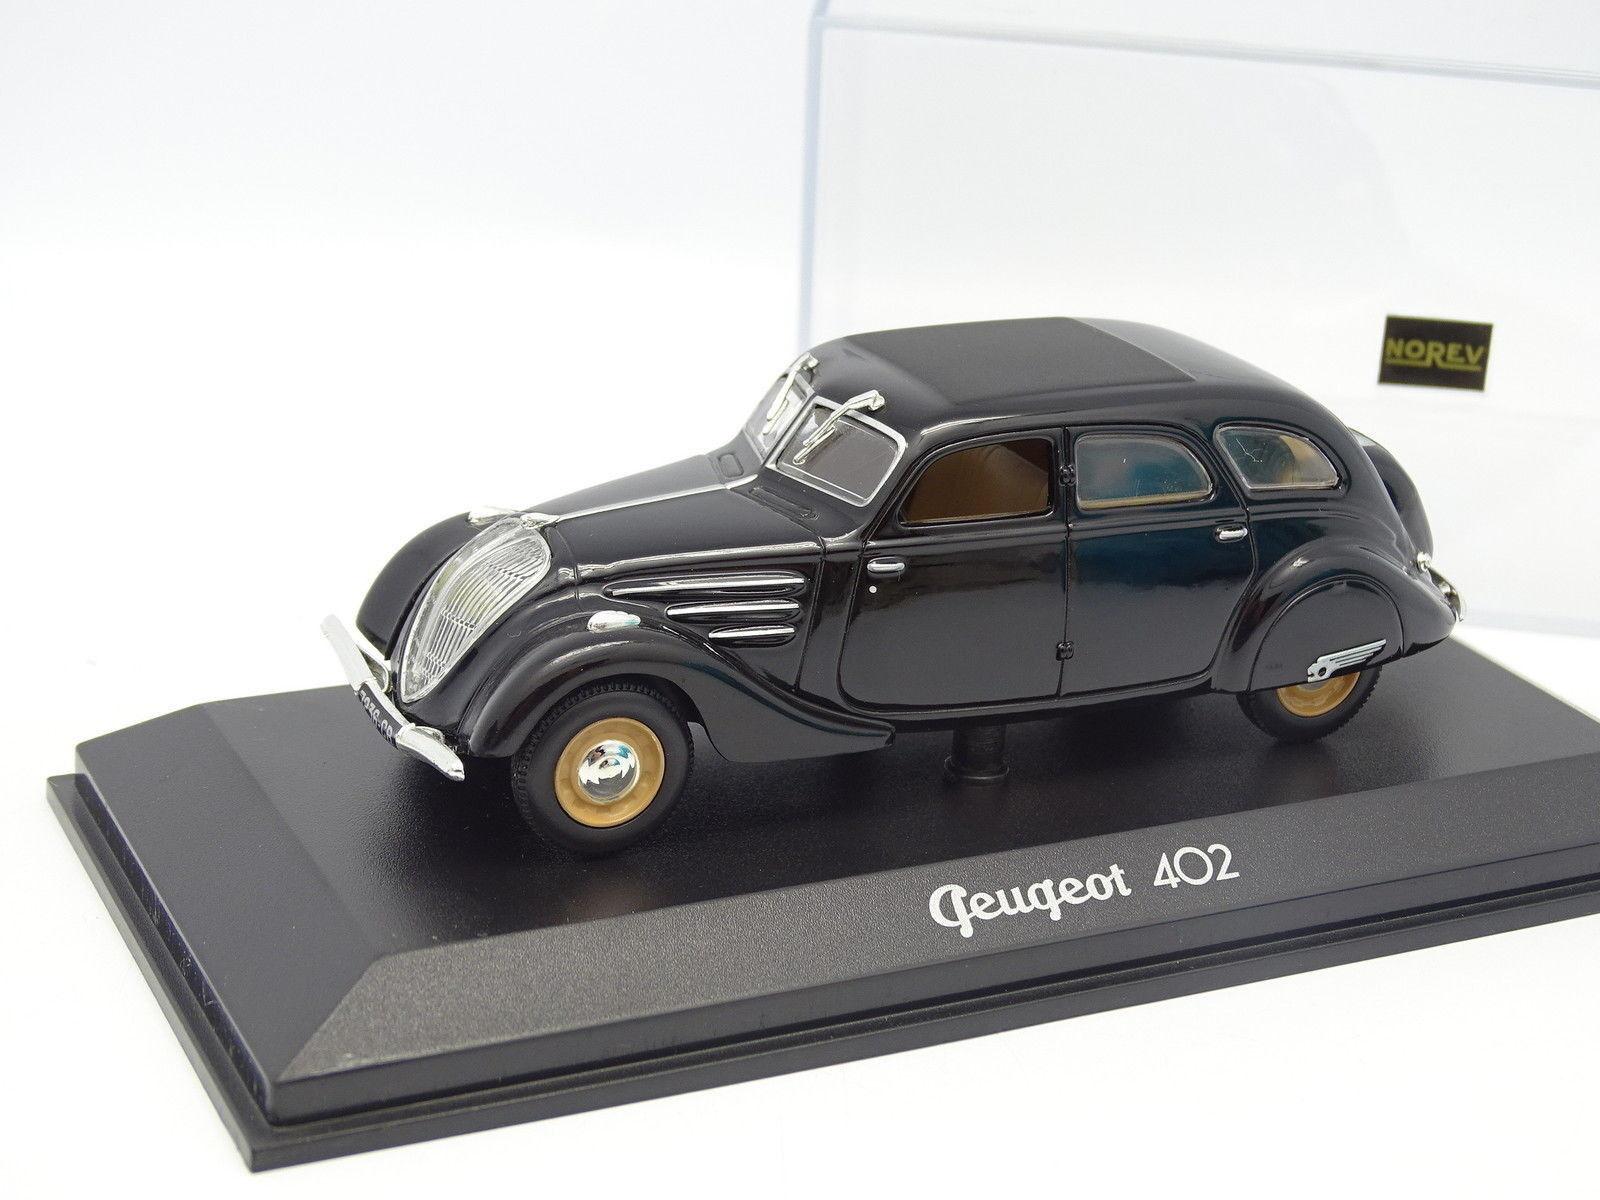 Norev CEC 1 43 - - - Peugeot 402 black 6a9de4